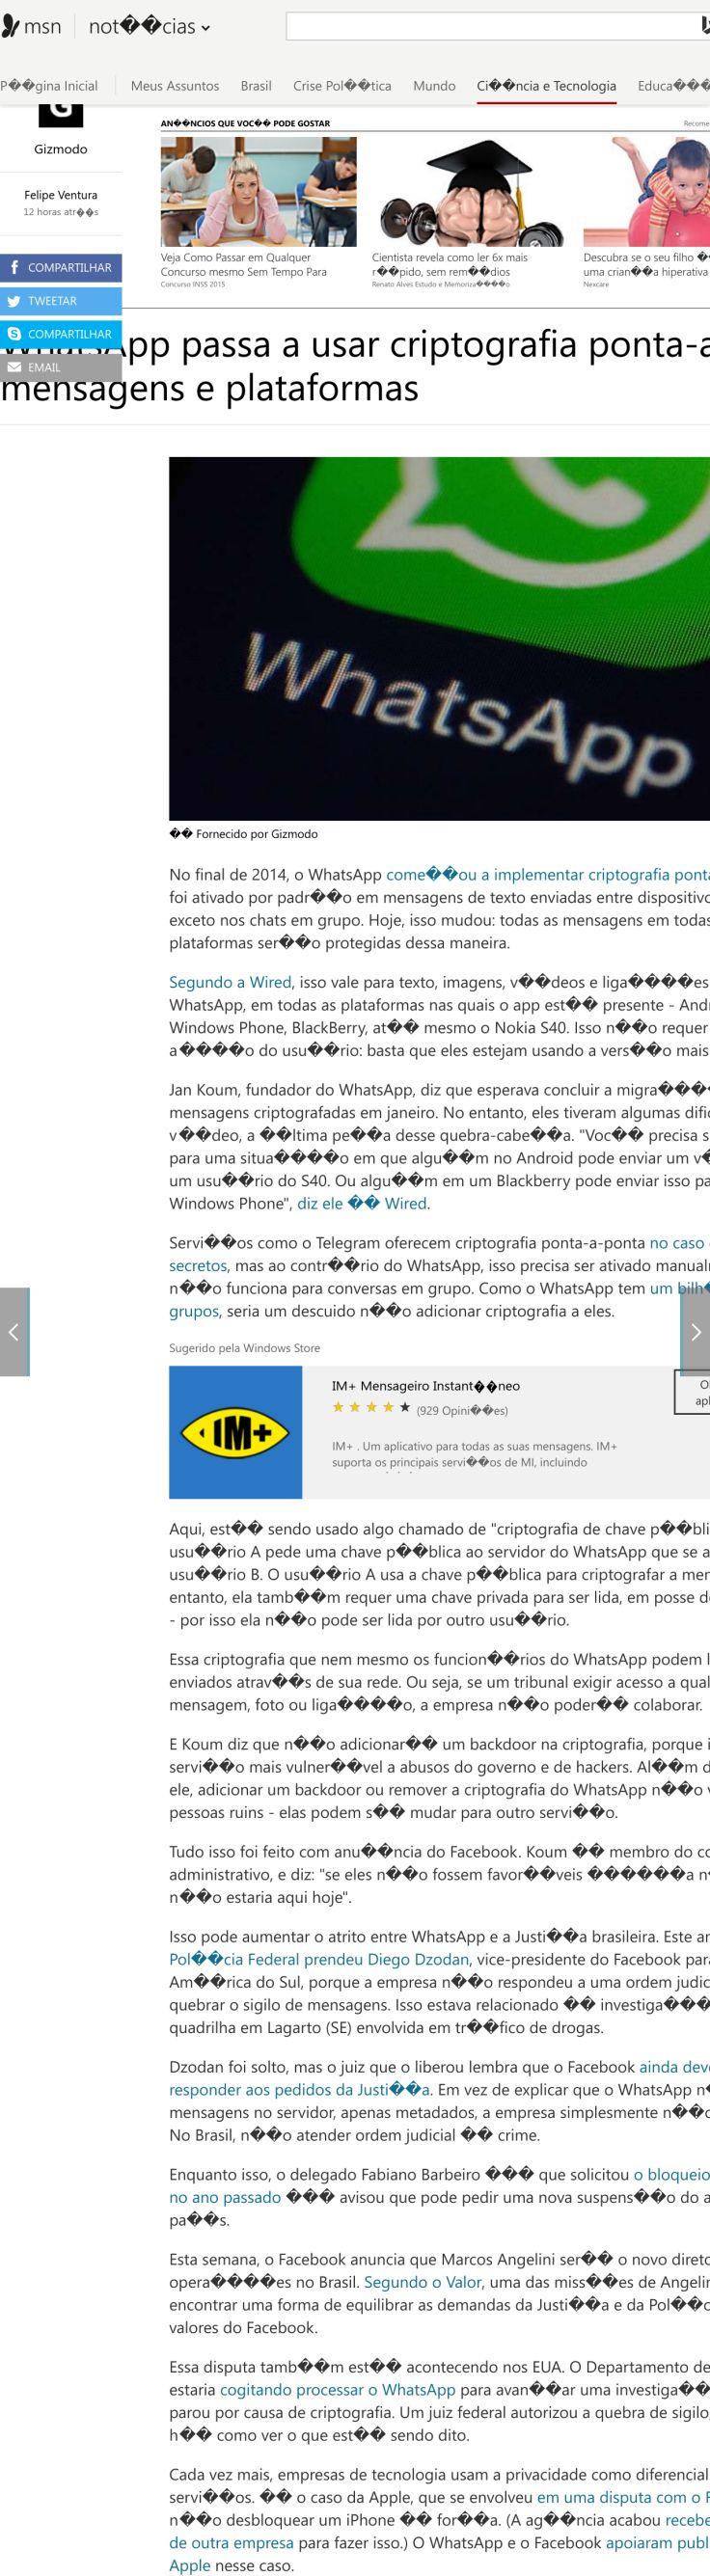 Website'http%3A%2F%2Fwww.msn.com%2Fpt-br%2Fnoticias%2Fciencia-e-tecnologia%2Fwhatsapp-passa-a-usar-criptografia-ponta-a-ponta-em-todas-as-mensagens-e-plataformas%2Far-BBrovuq%3FOCID%3Dansmsnnews11' snapped on Page2images!